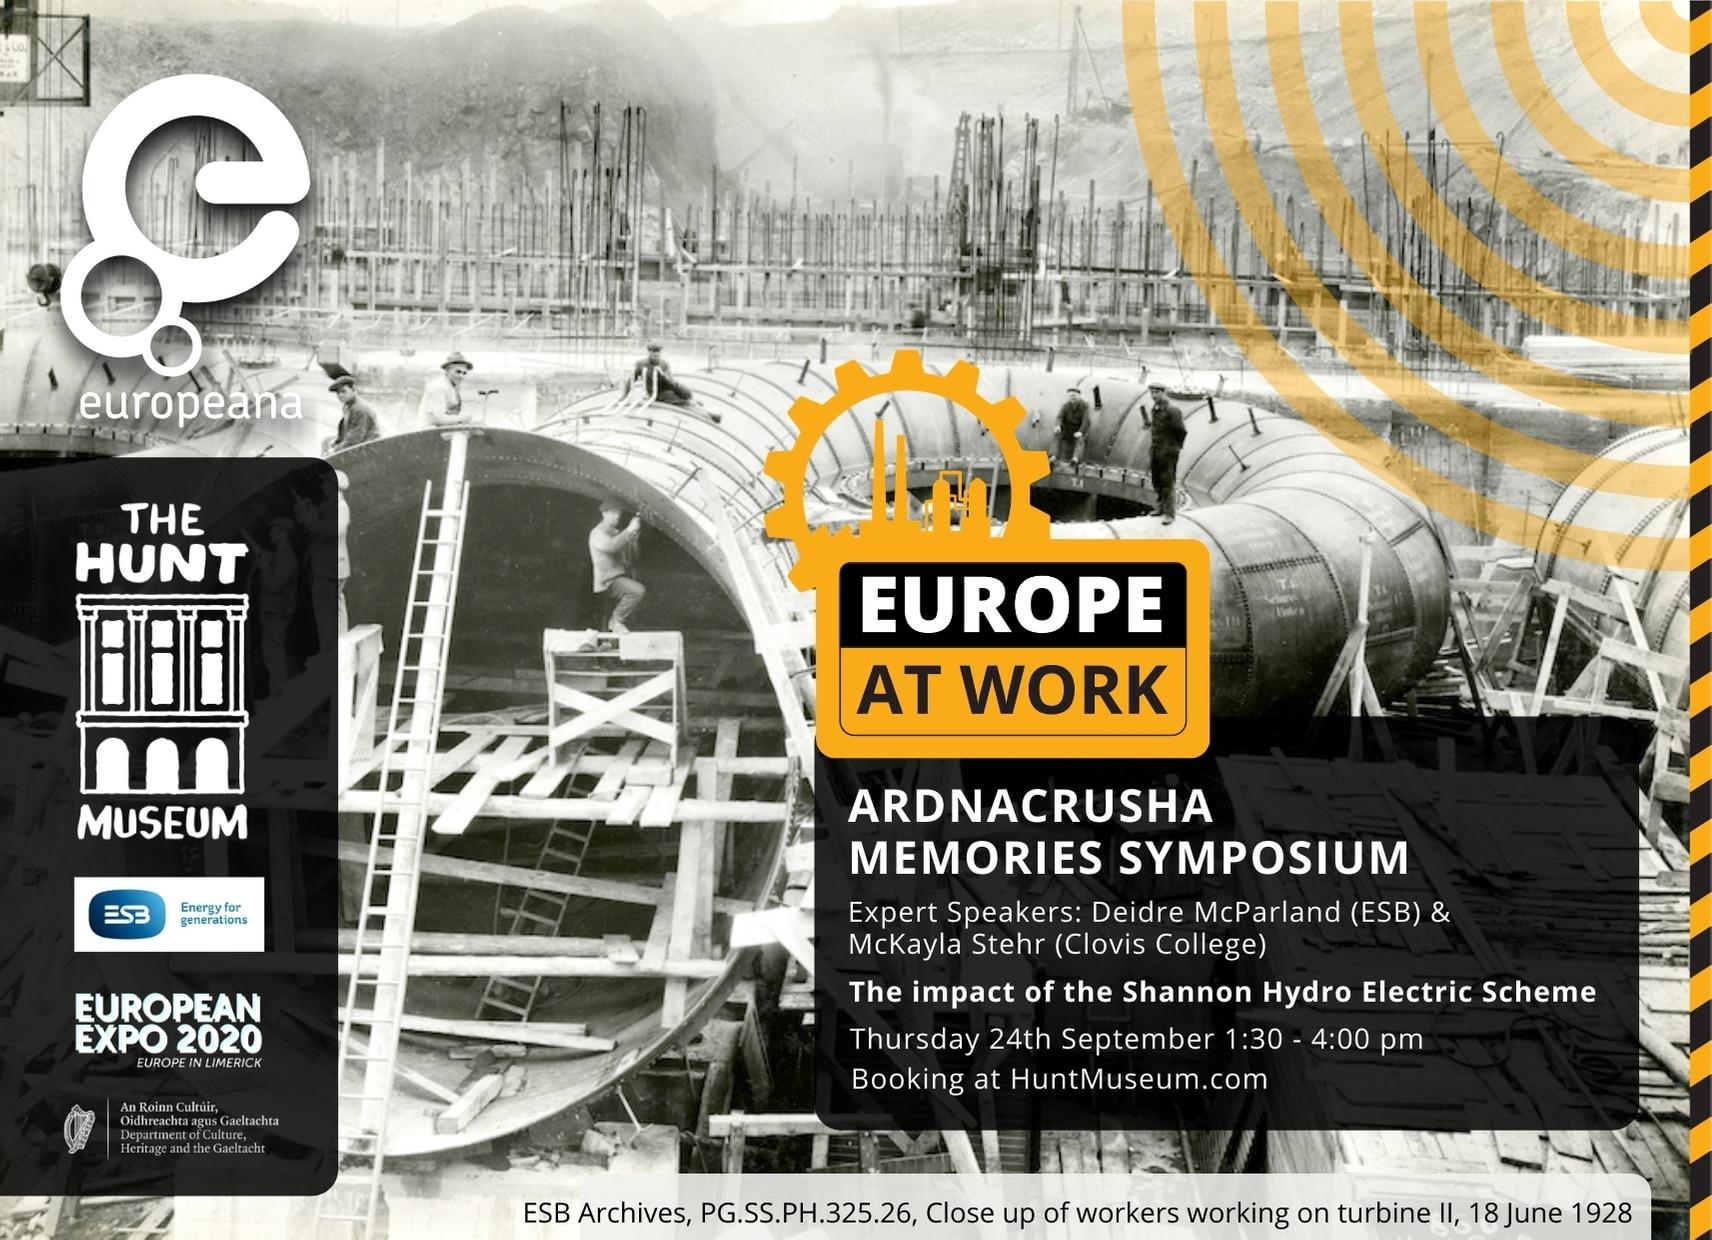 Ardnacrusha Memories Symposium